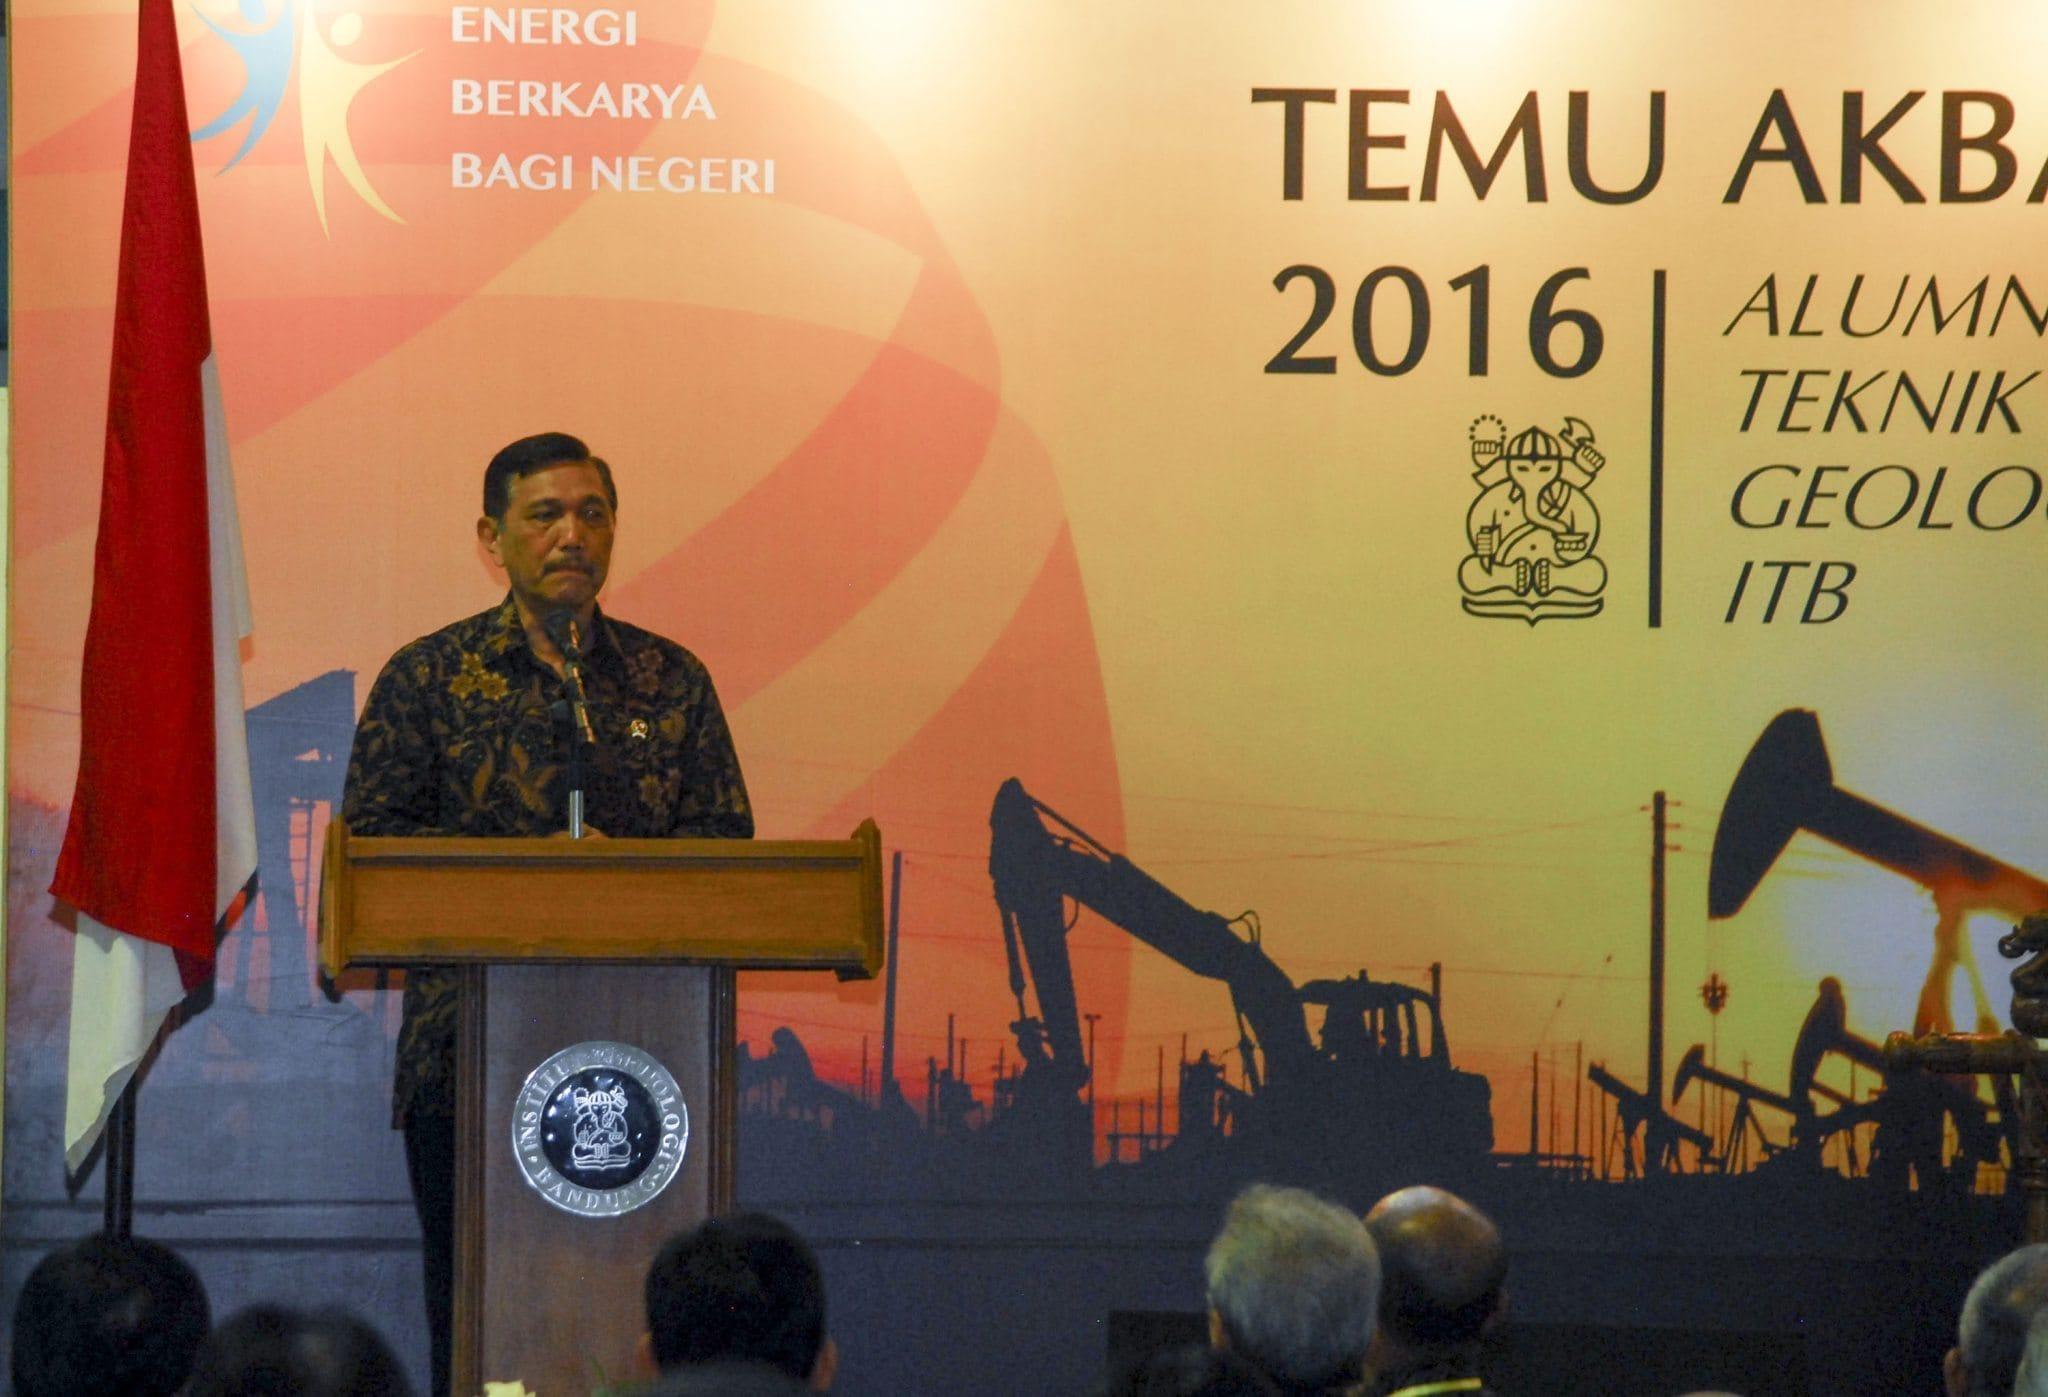 Menko Luhut : Pemerintah Akan Membangun Kembali Narasi Kemaritiman Yang Dibangun Bung Karno